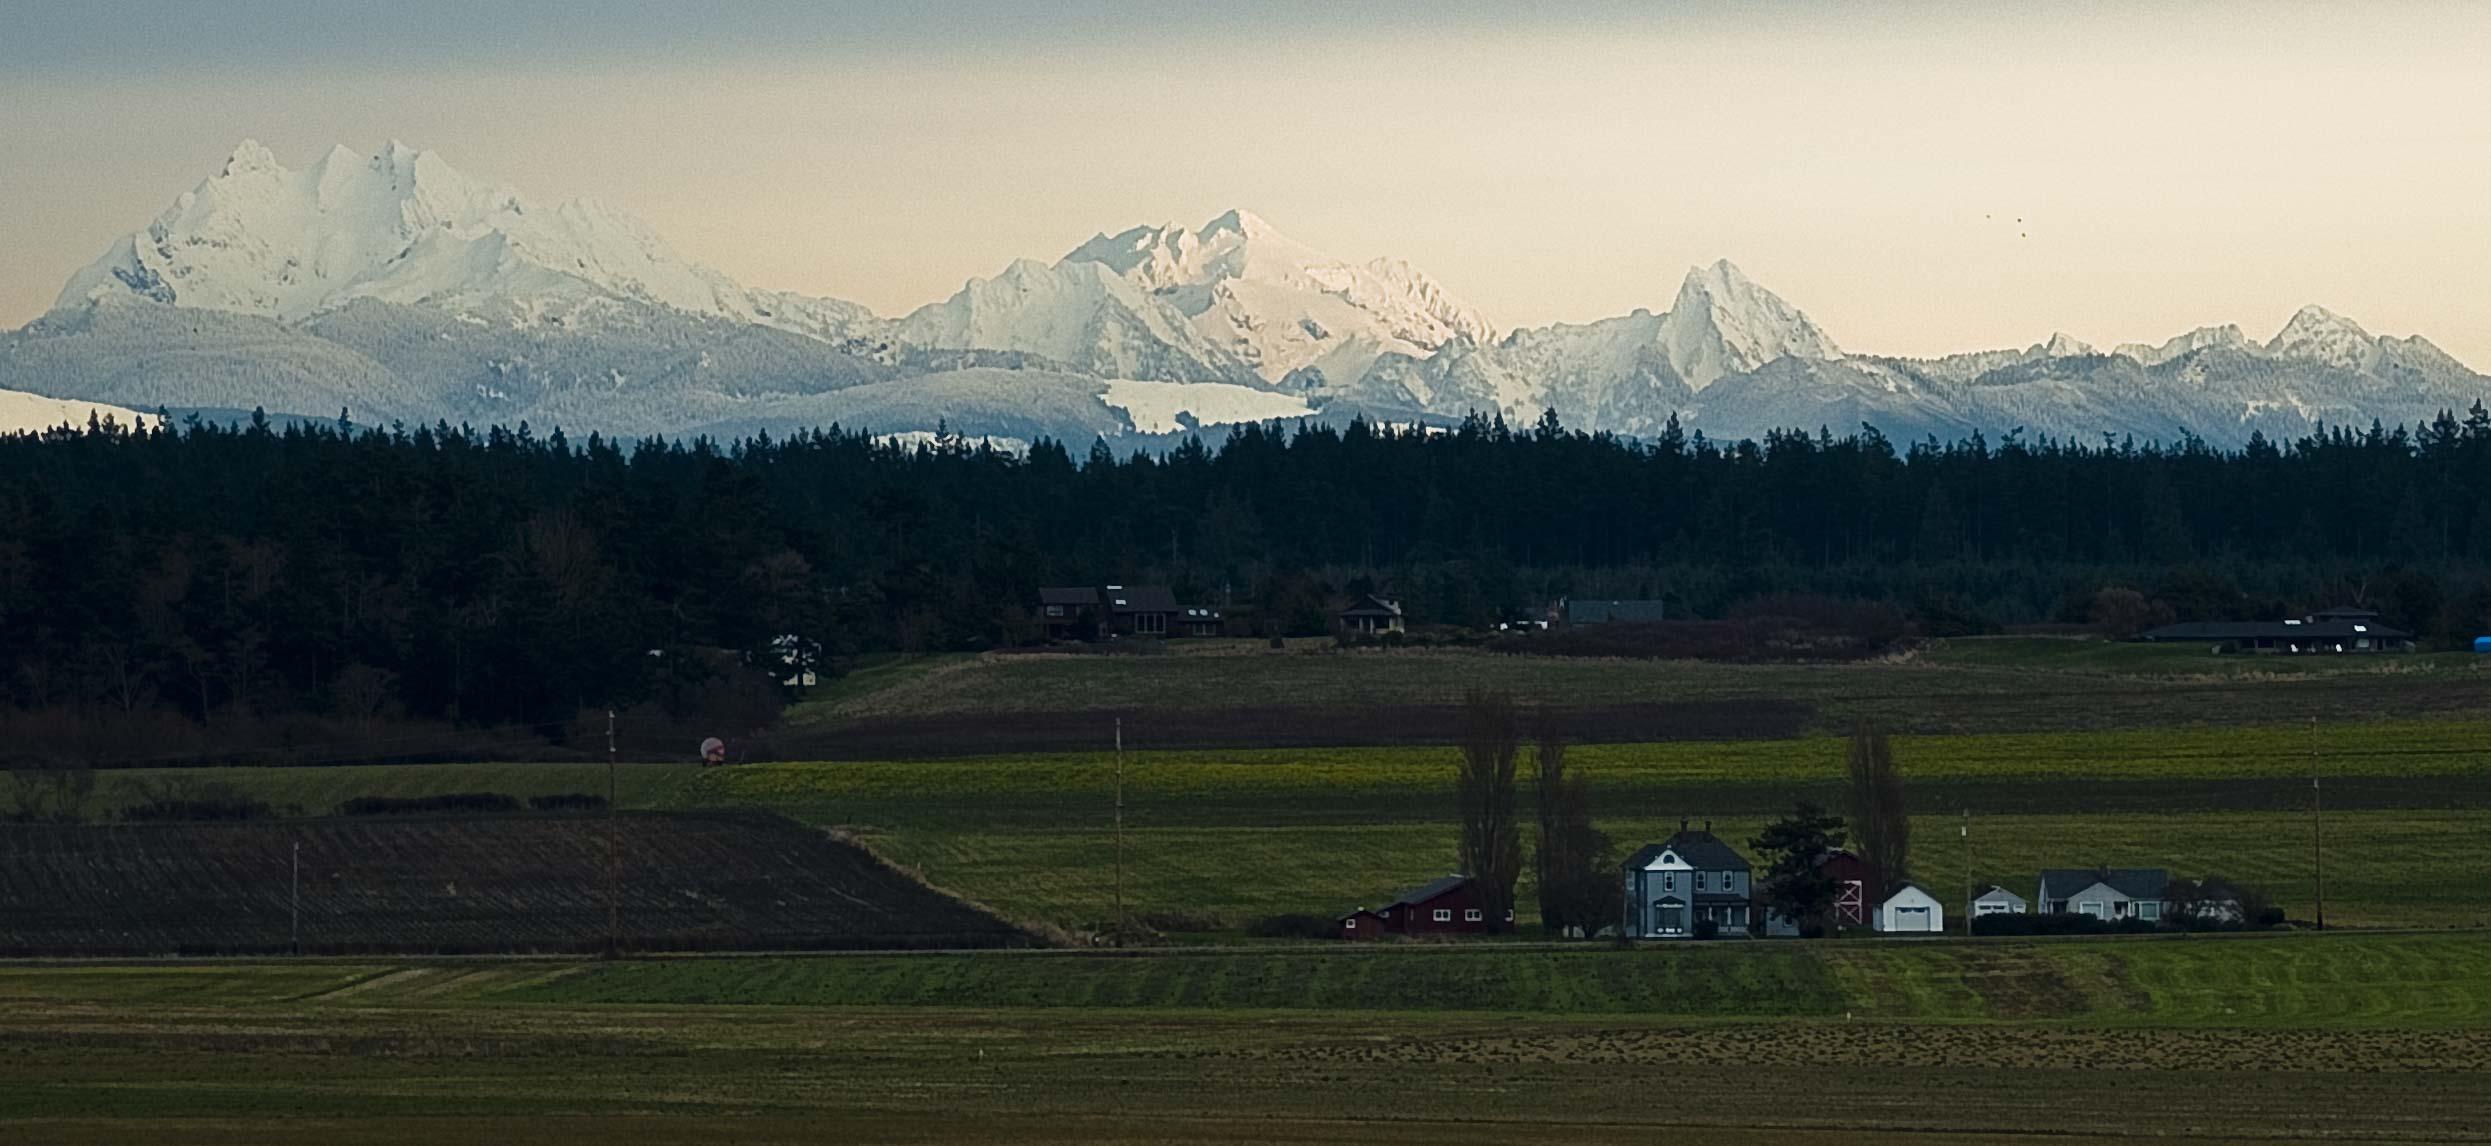 Ebey's Landing & the Cascade Mountains